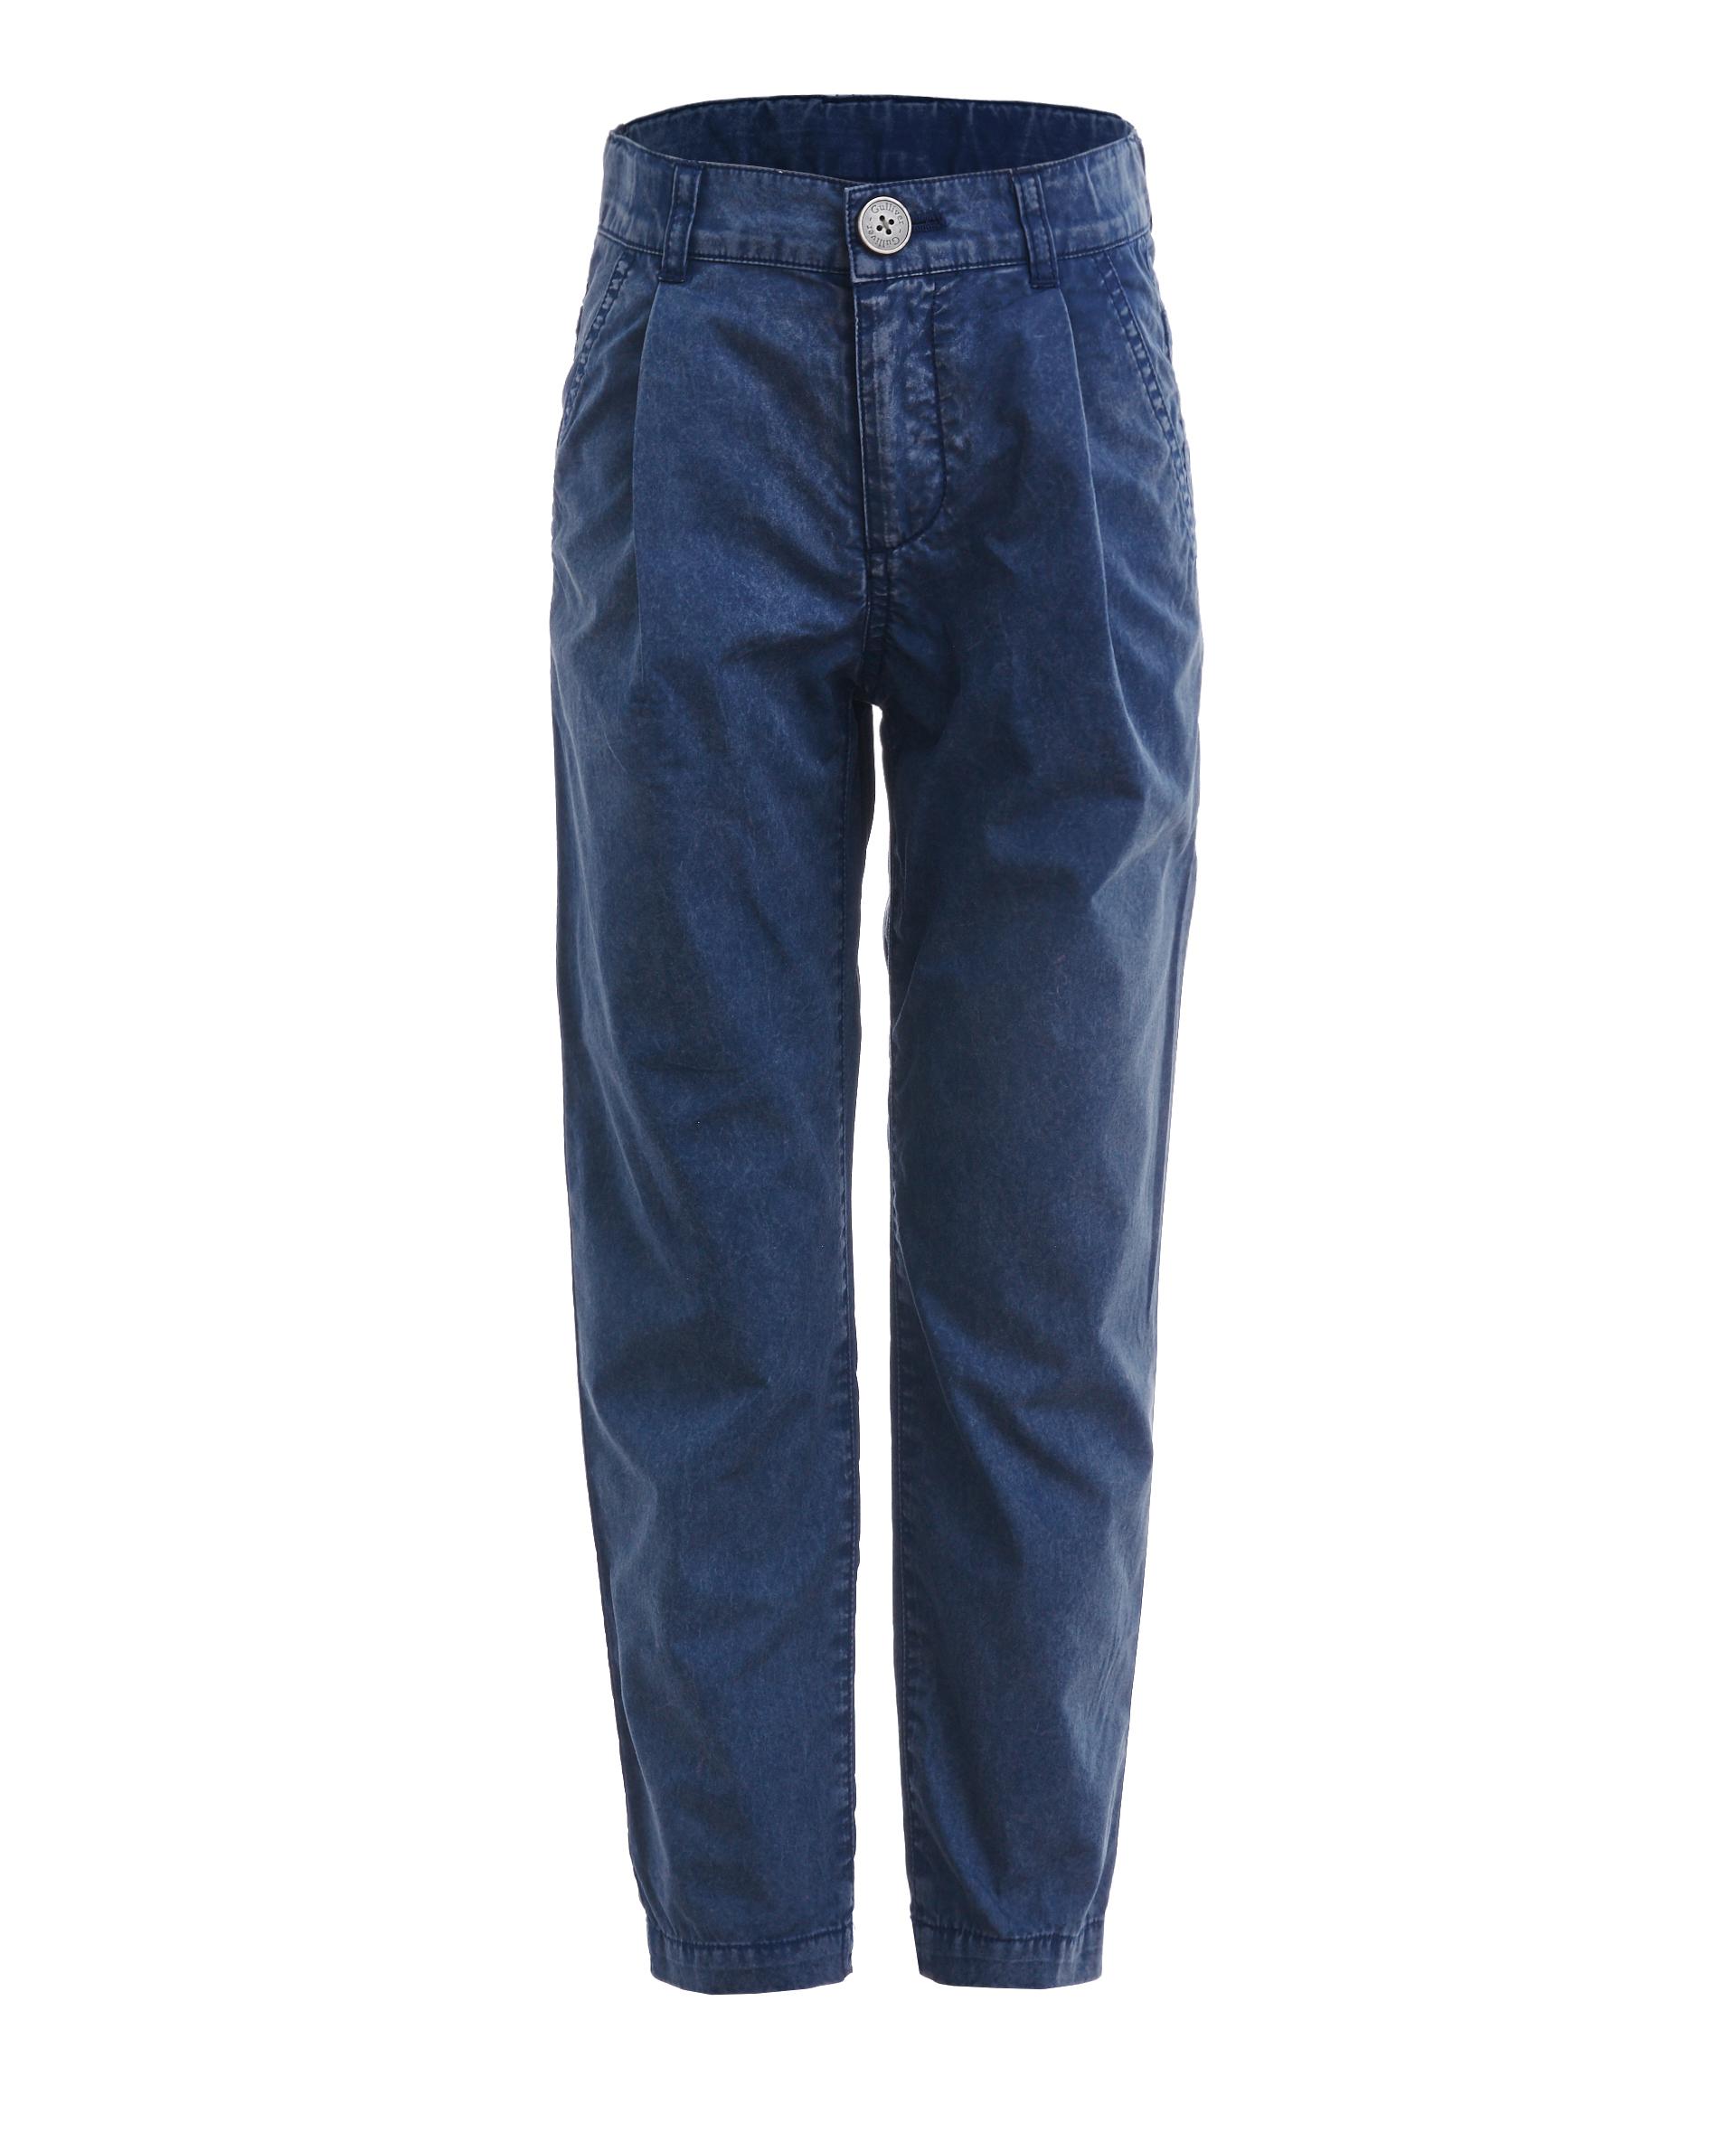 Купить 11906BMC6305, Синие брюки с винтажным эффектом Gulliver, синий, 128, Мужской, ВЕСНА/ЛЕТО 2019 (shop: GulliverMarket Gulliver Market)